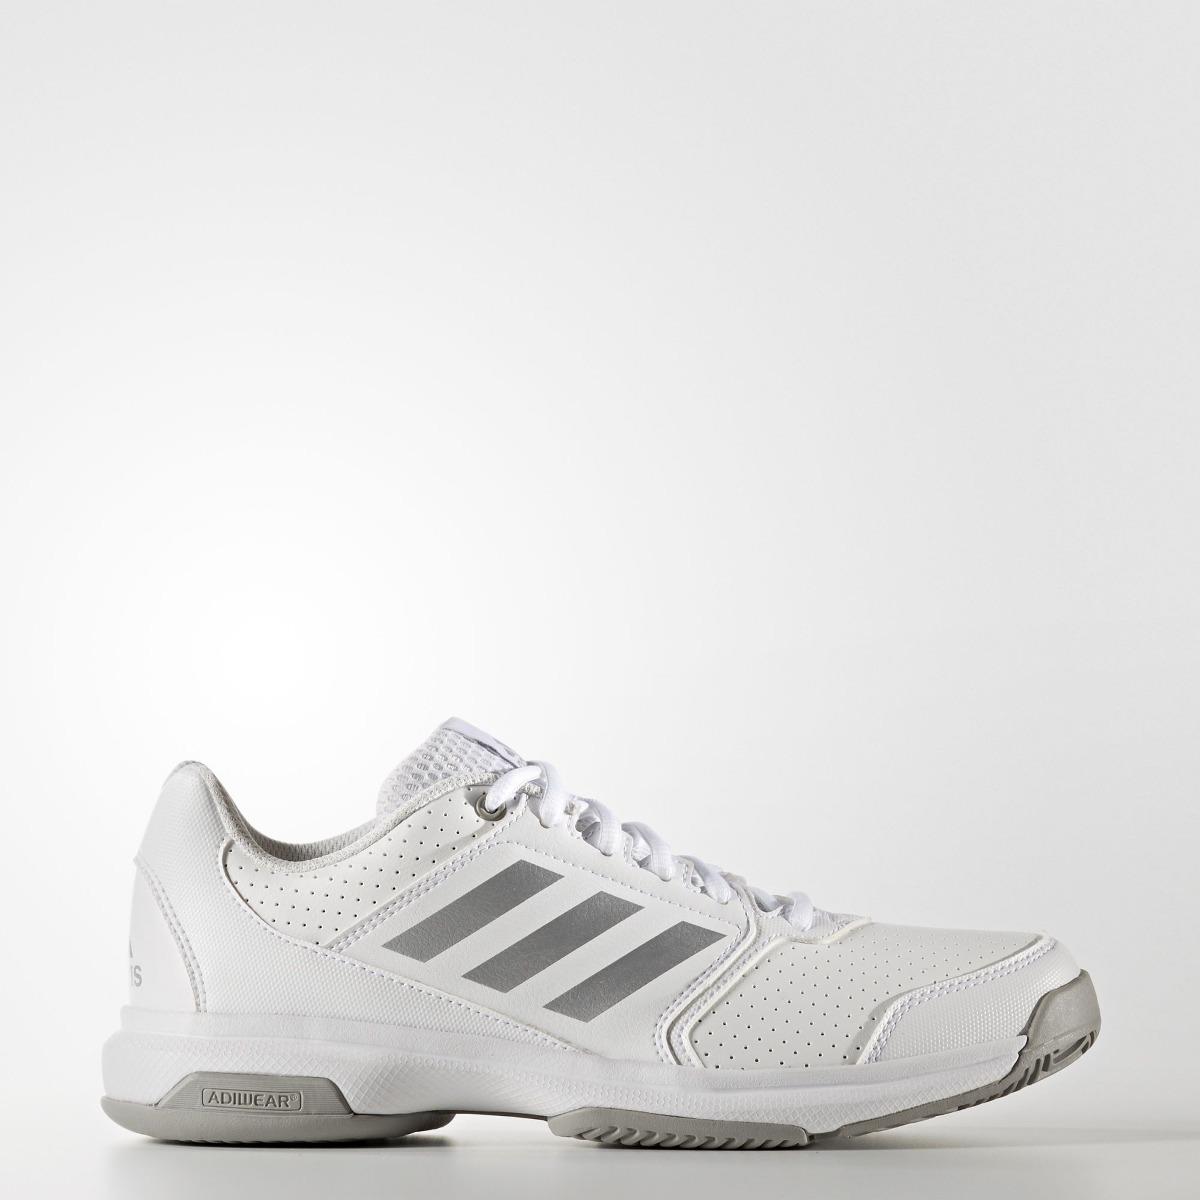 sale retailer c40e7 2eff9 zapatillas adidas adizero attack w - sagat deportes -bb4818. Cargando zoom.